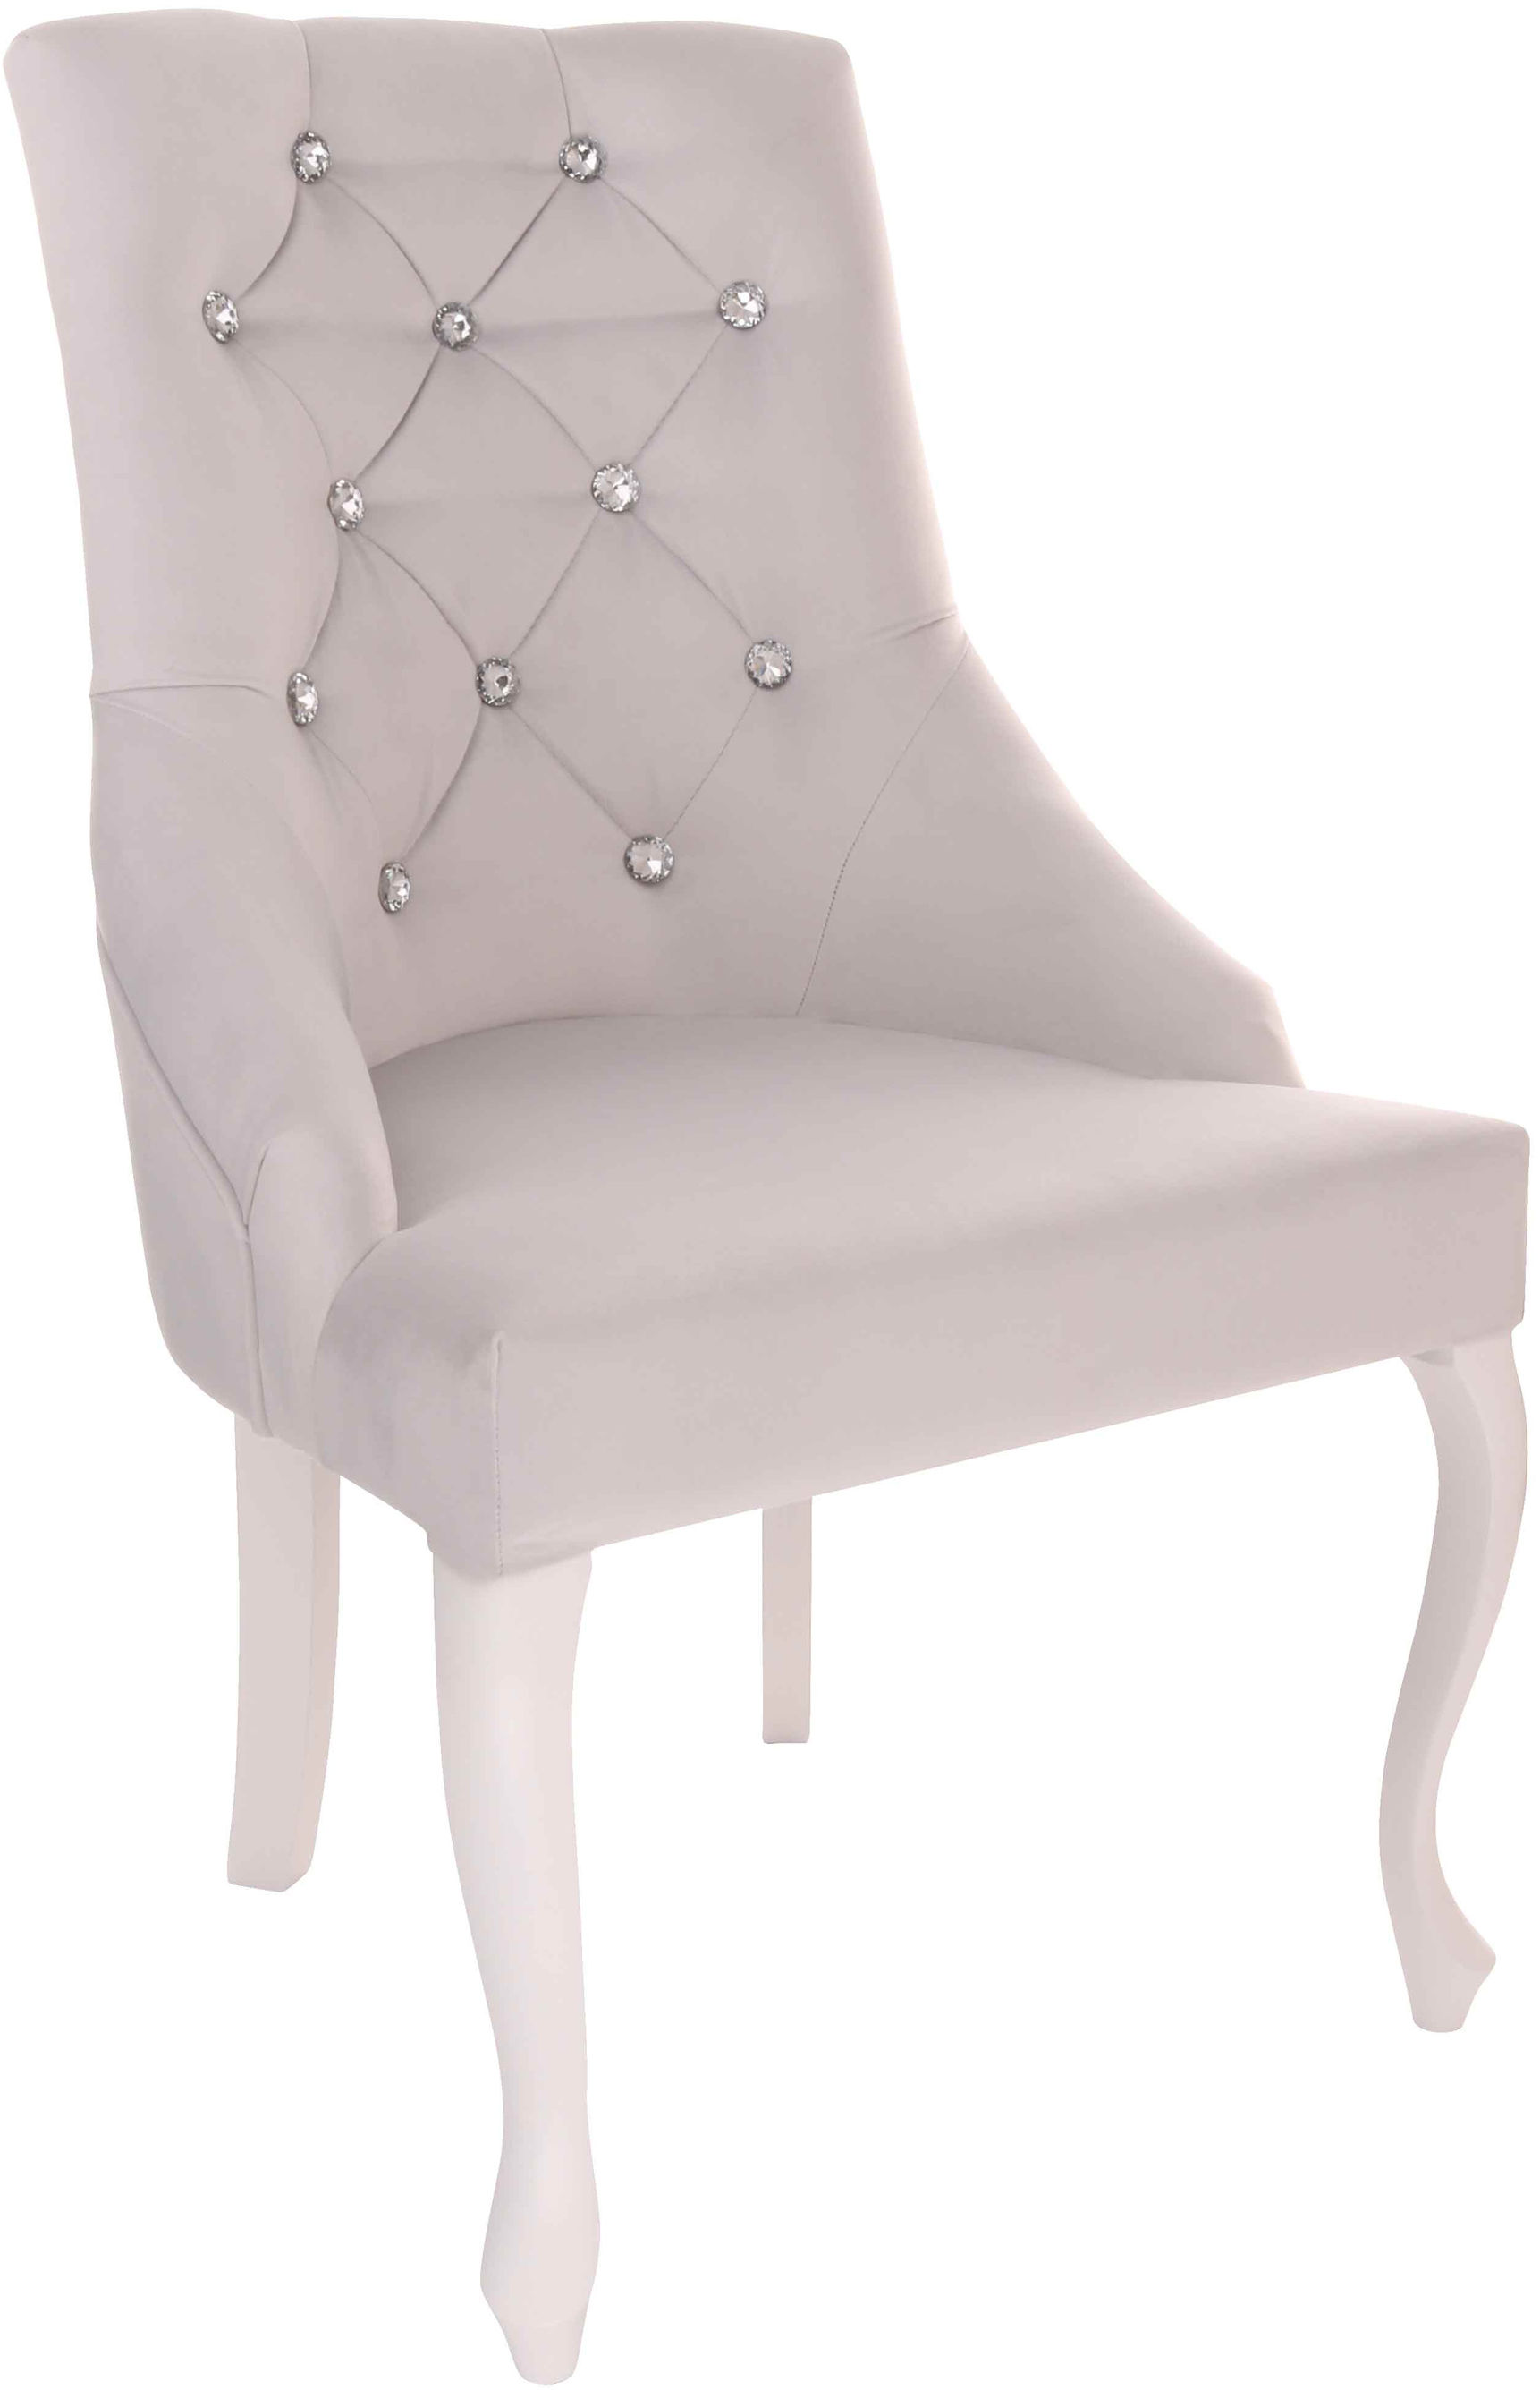 Krzesło Cristal z kryształkami, nogi Ludwik, stylowe, ozdobne, eleganckie, w stylu glamour, do jadalni, do toaletki, z pikowaniem